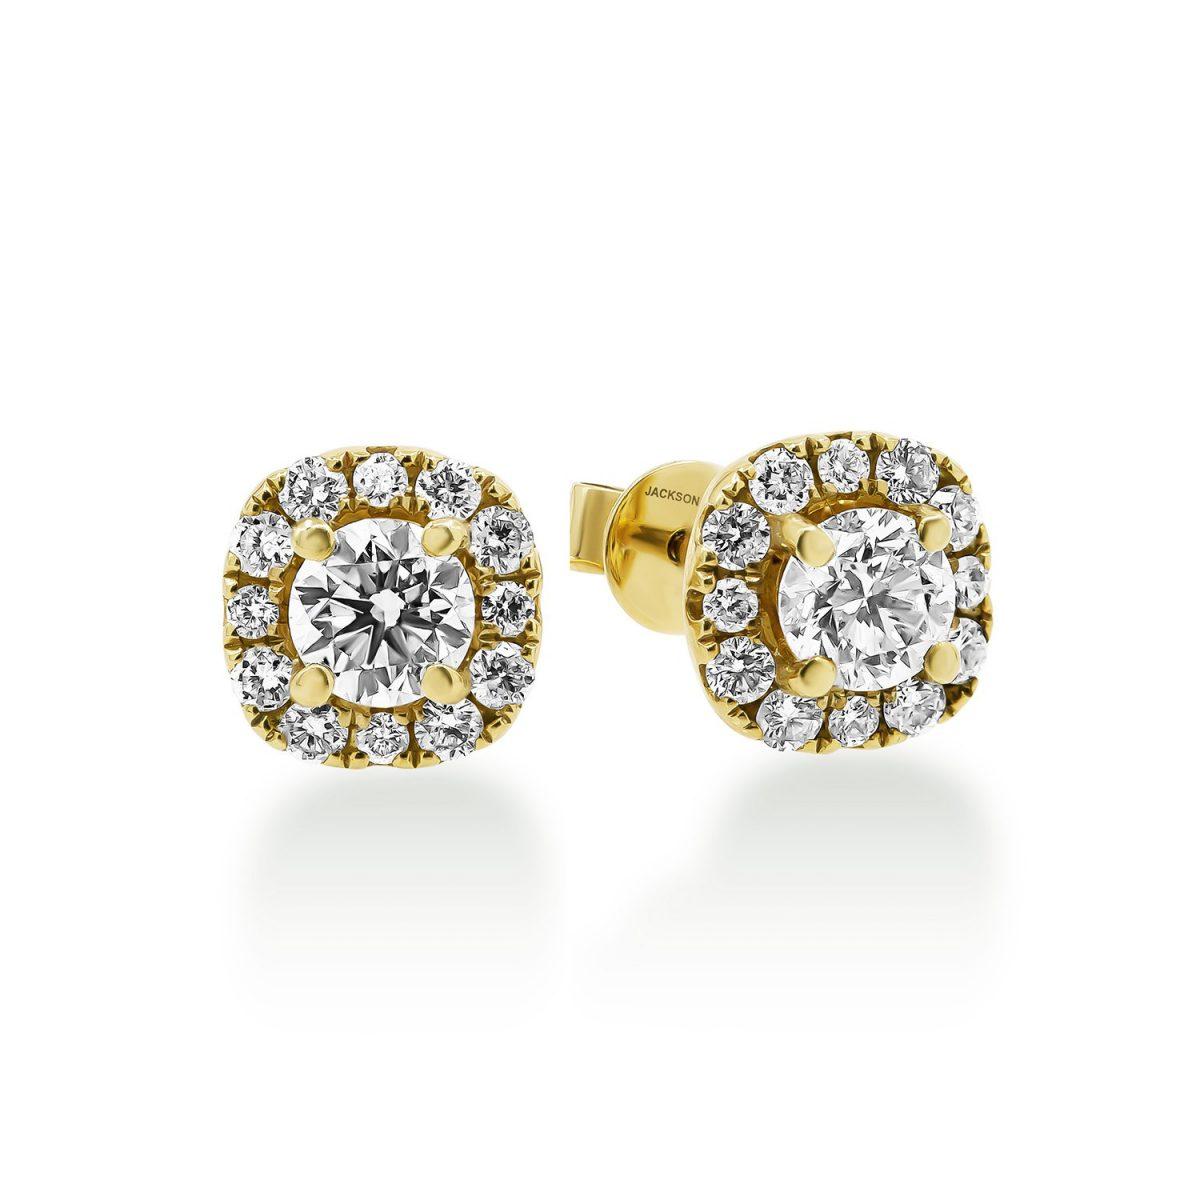 עגילי יהלומים ורוניקה - זהב צהוב